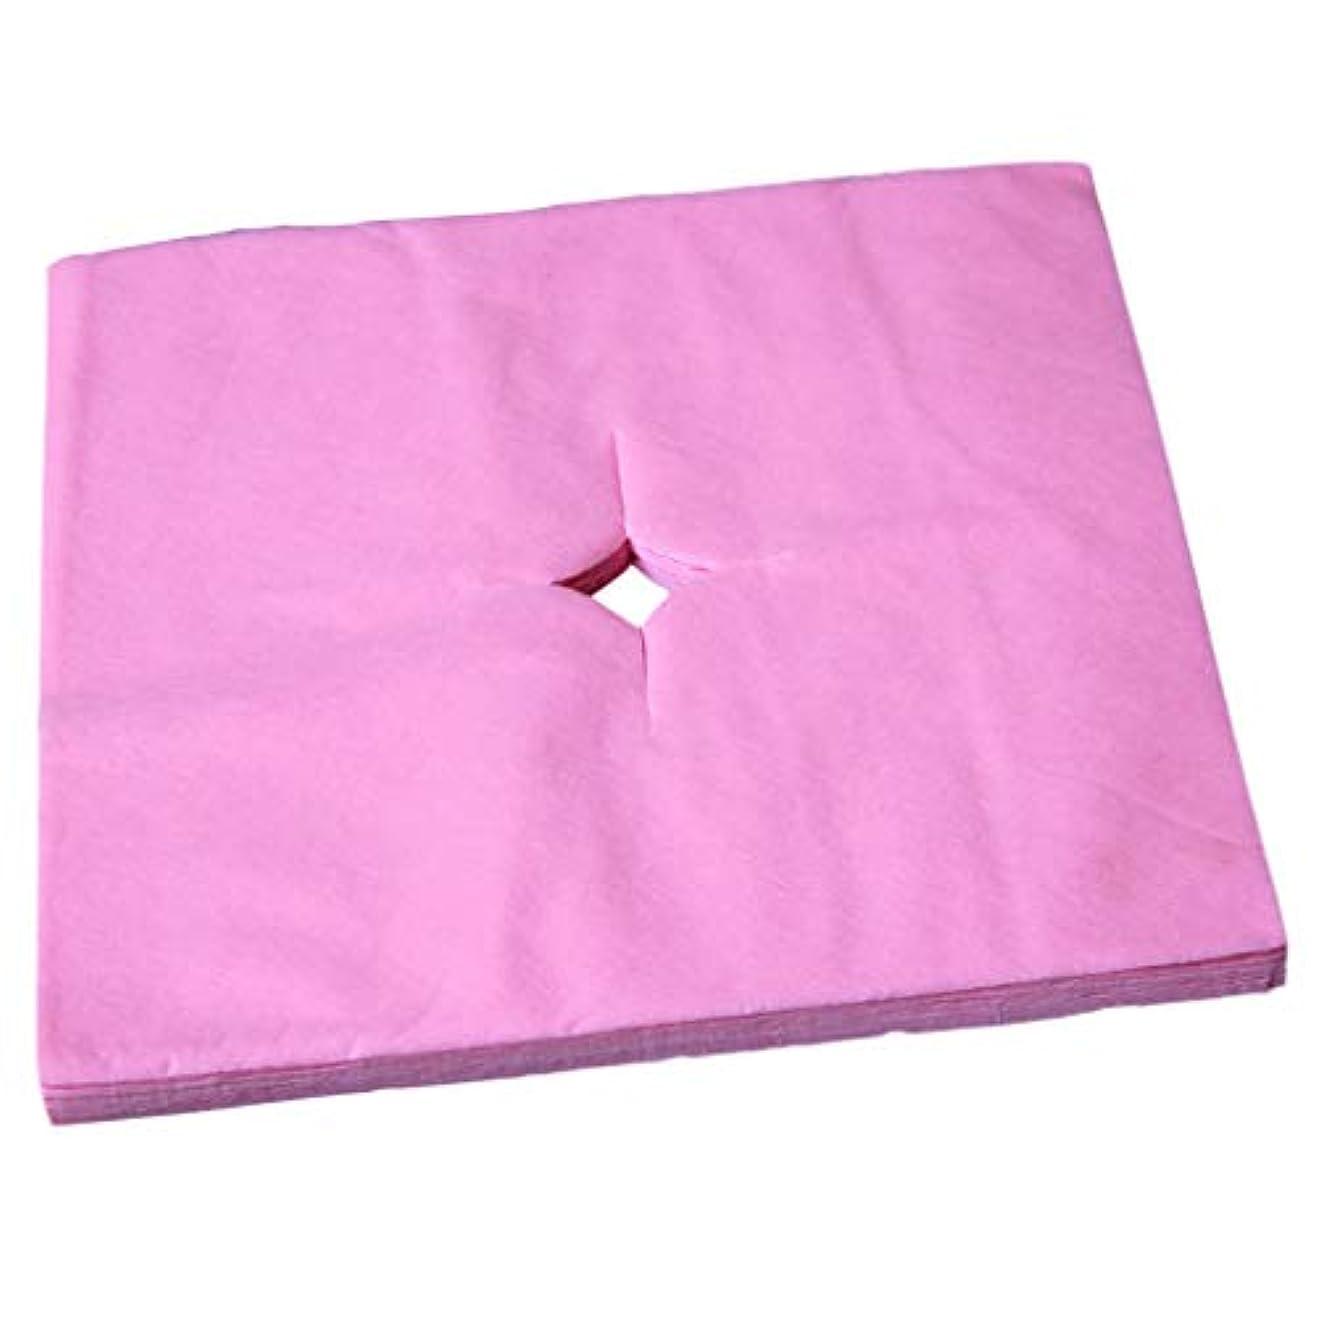 刑務所ミルリビジョンフェイスクレードルカバー マッサージフェイスカバー マッサージサロン 使い捨て 寝具カバー 全3色 - ピンク